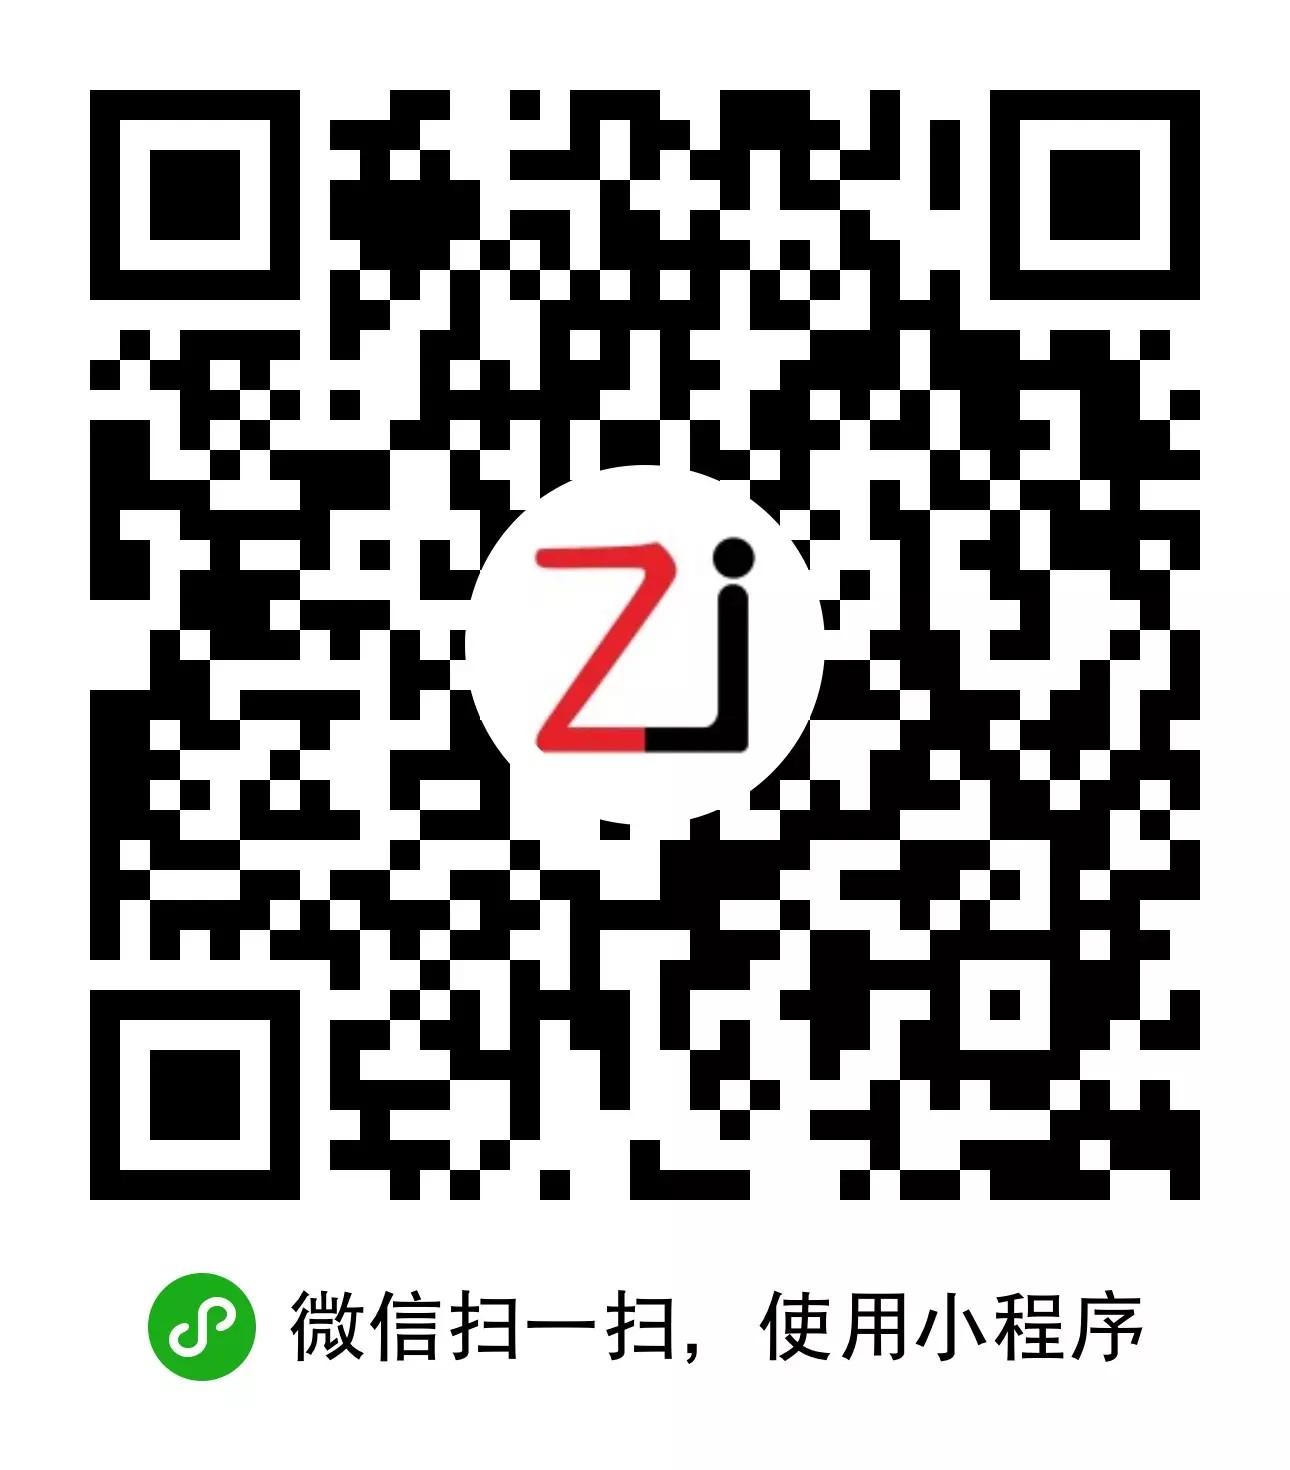 诸暨生活-微信小程序二维码